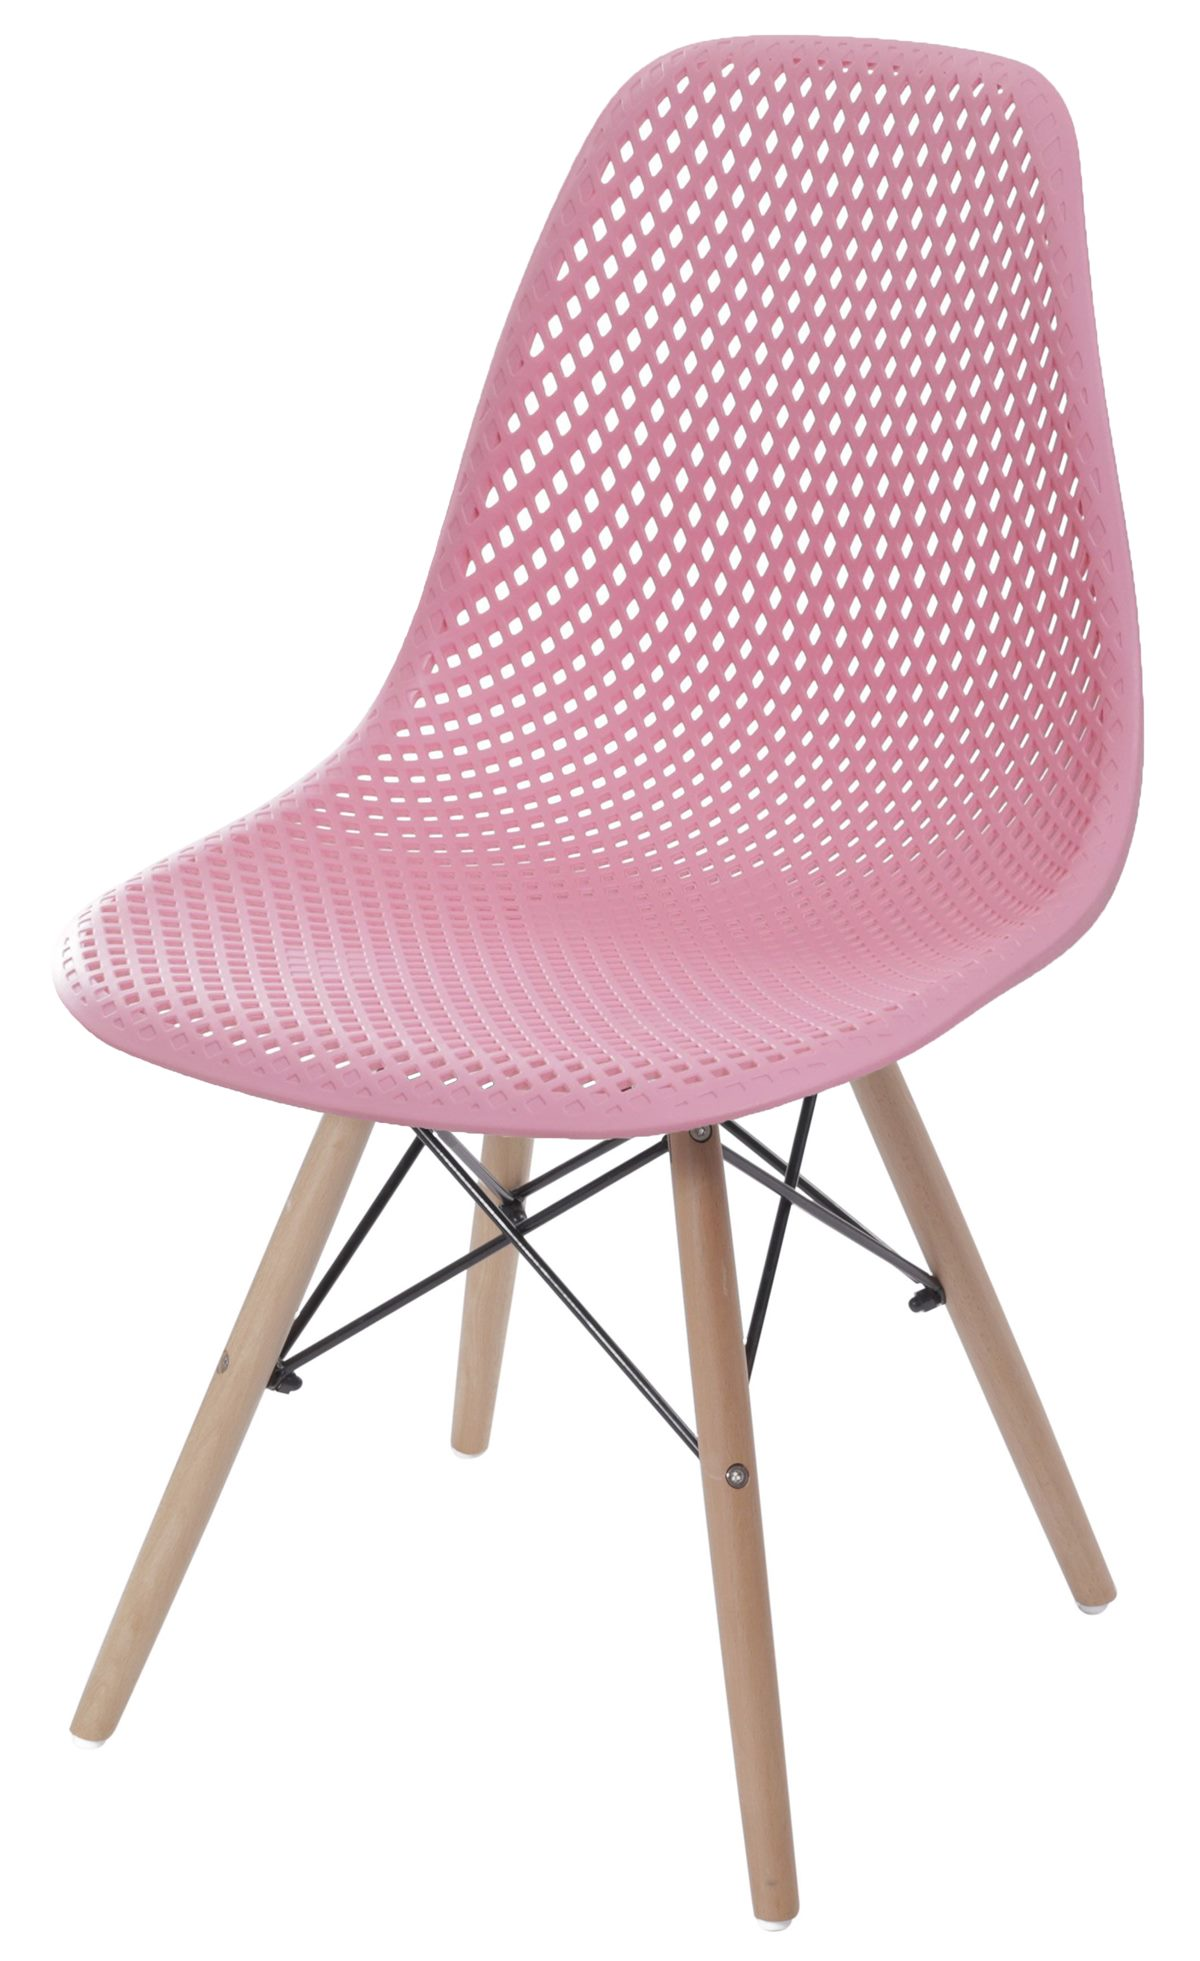 Cadeira Eames Furadinha cor Rosa com Base Madeira - 55985